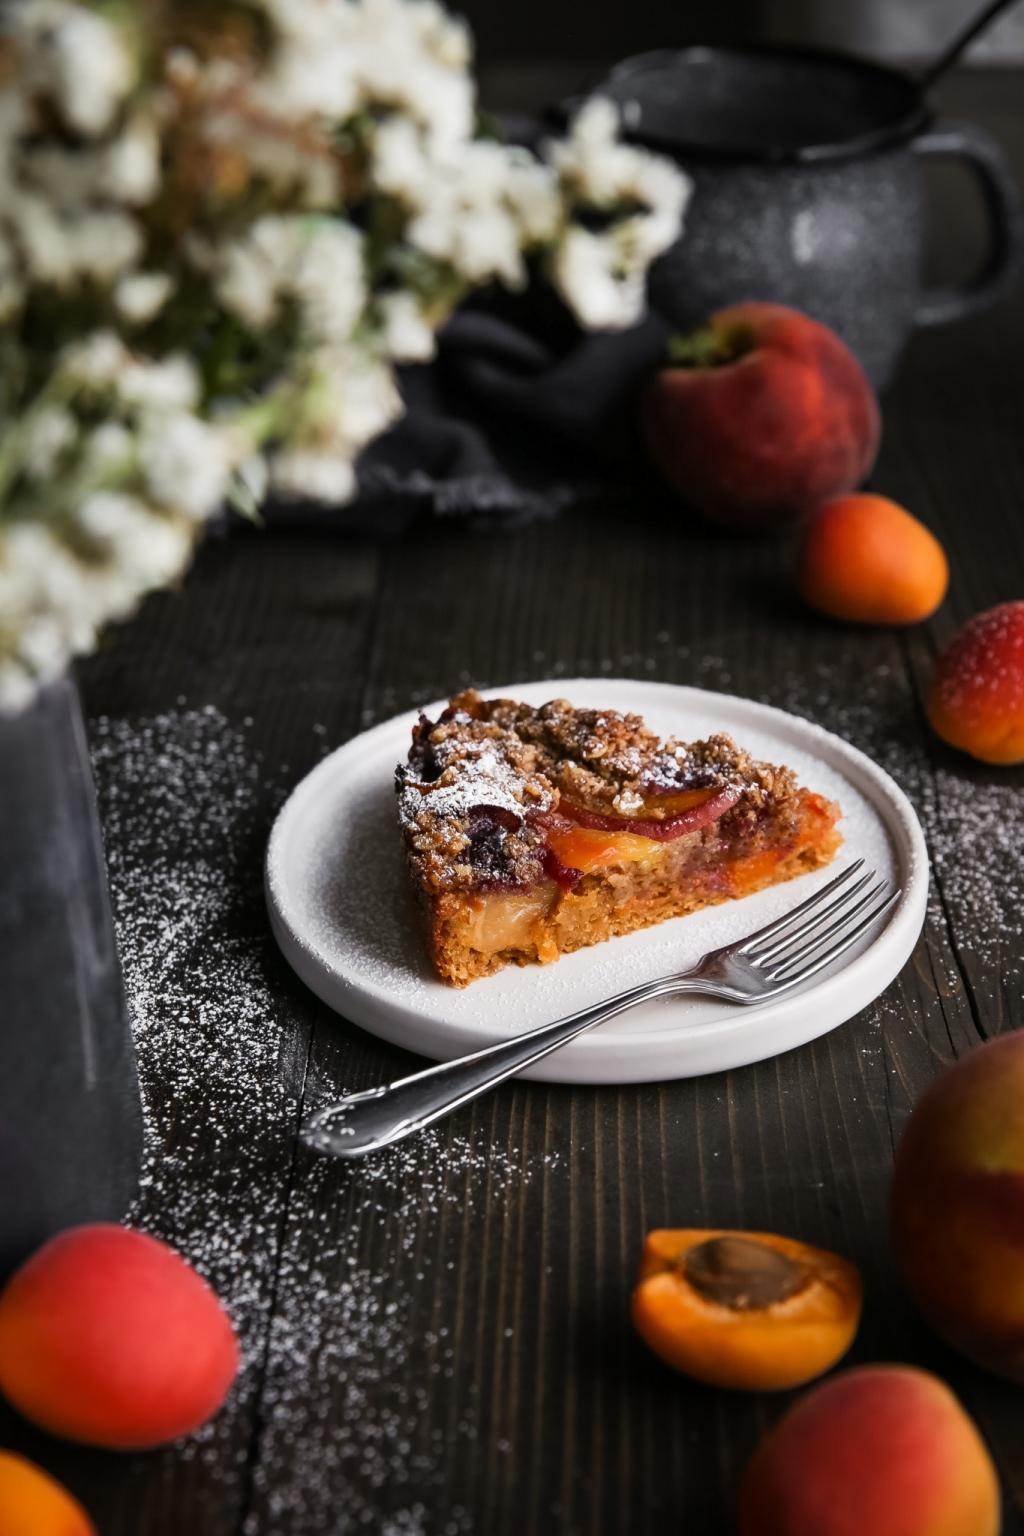 Letný broskyňový koláč s ovsenou posýpkou